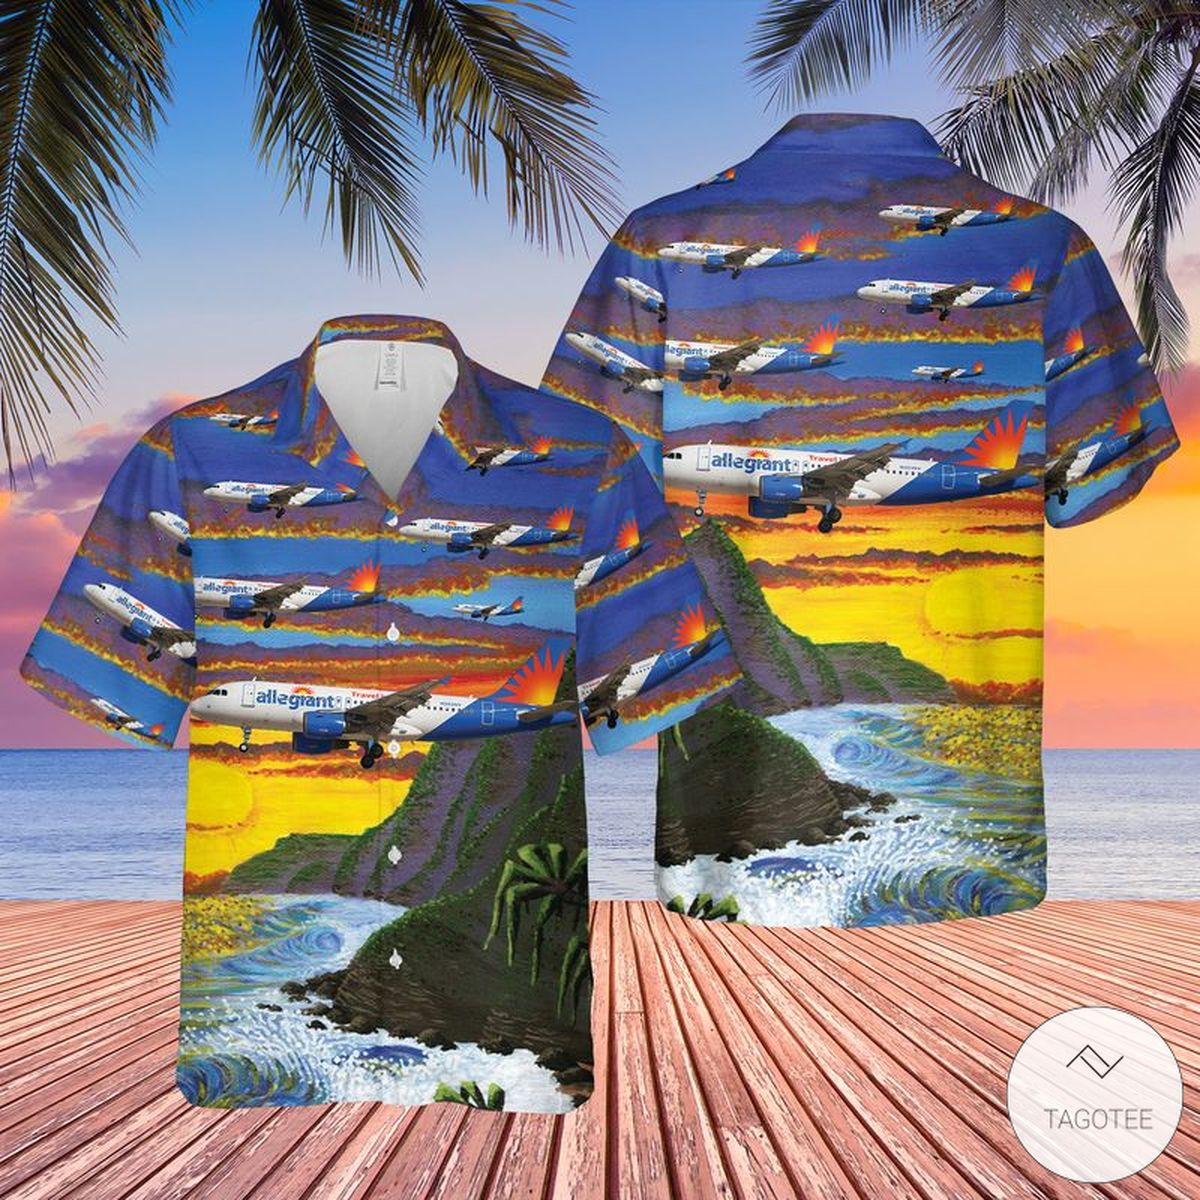 Allegiant Air Airbus A319-112 Hawaiian Shirt, Beach Shorts